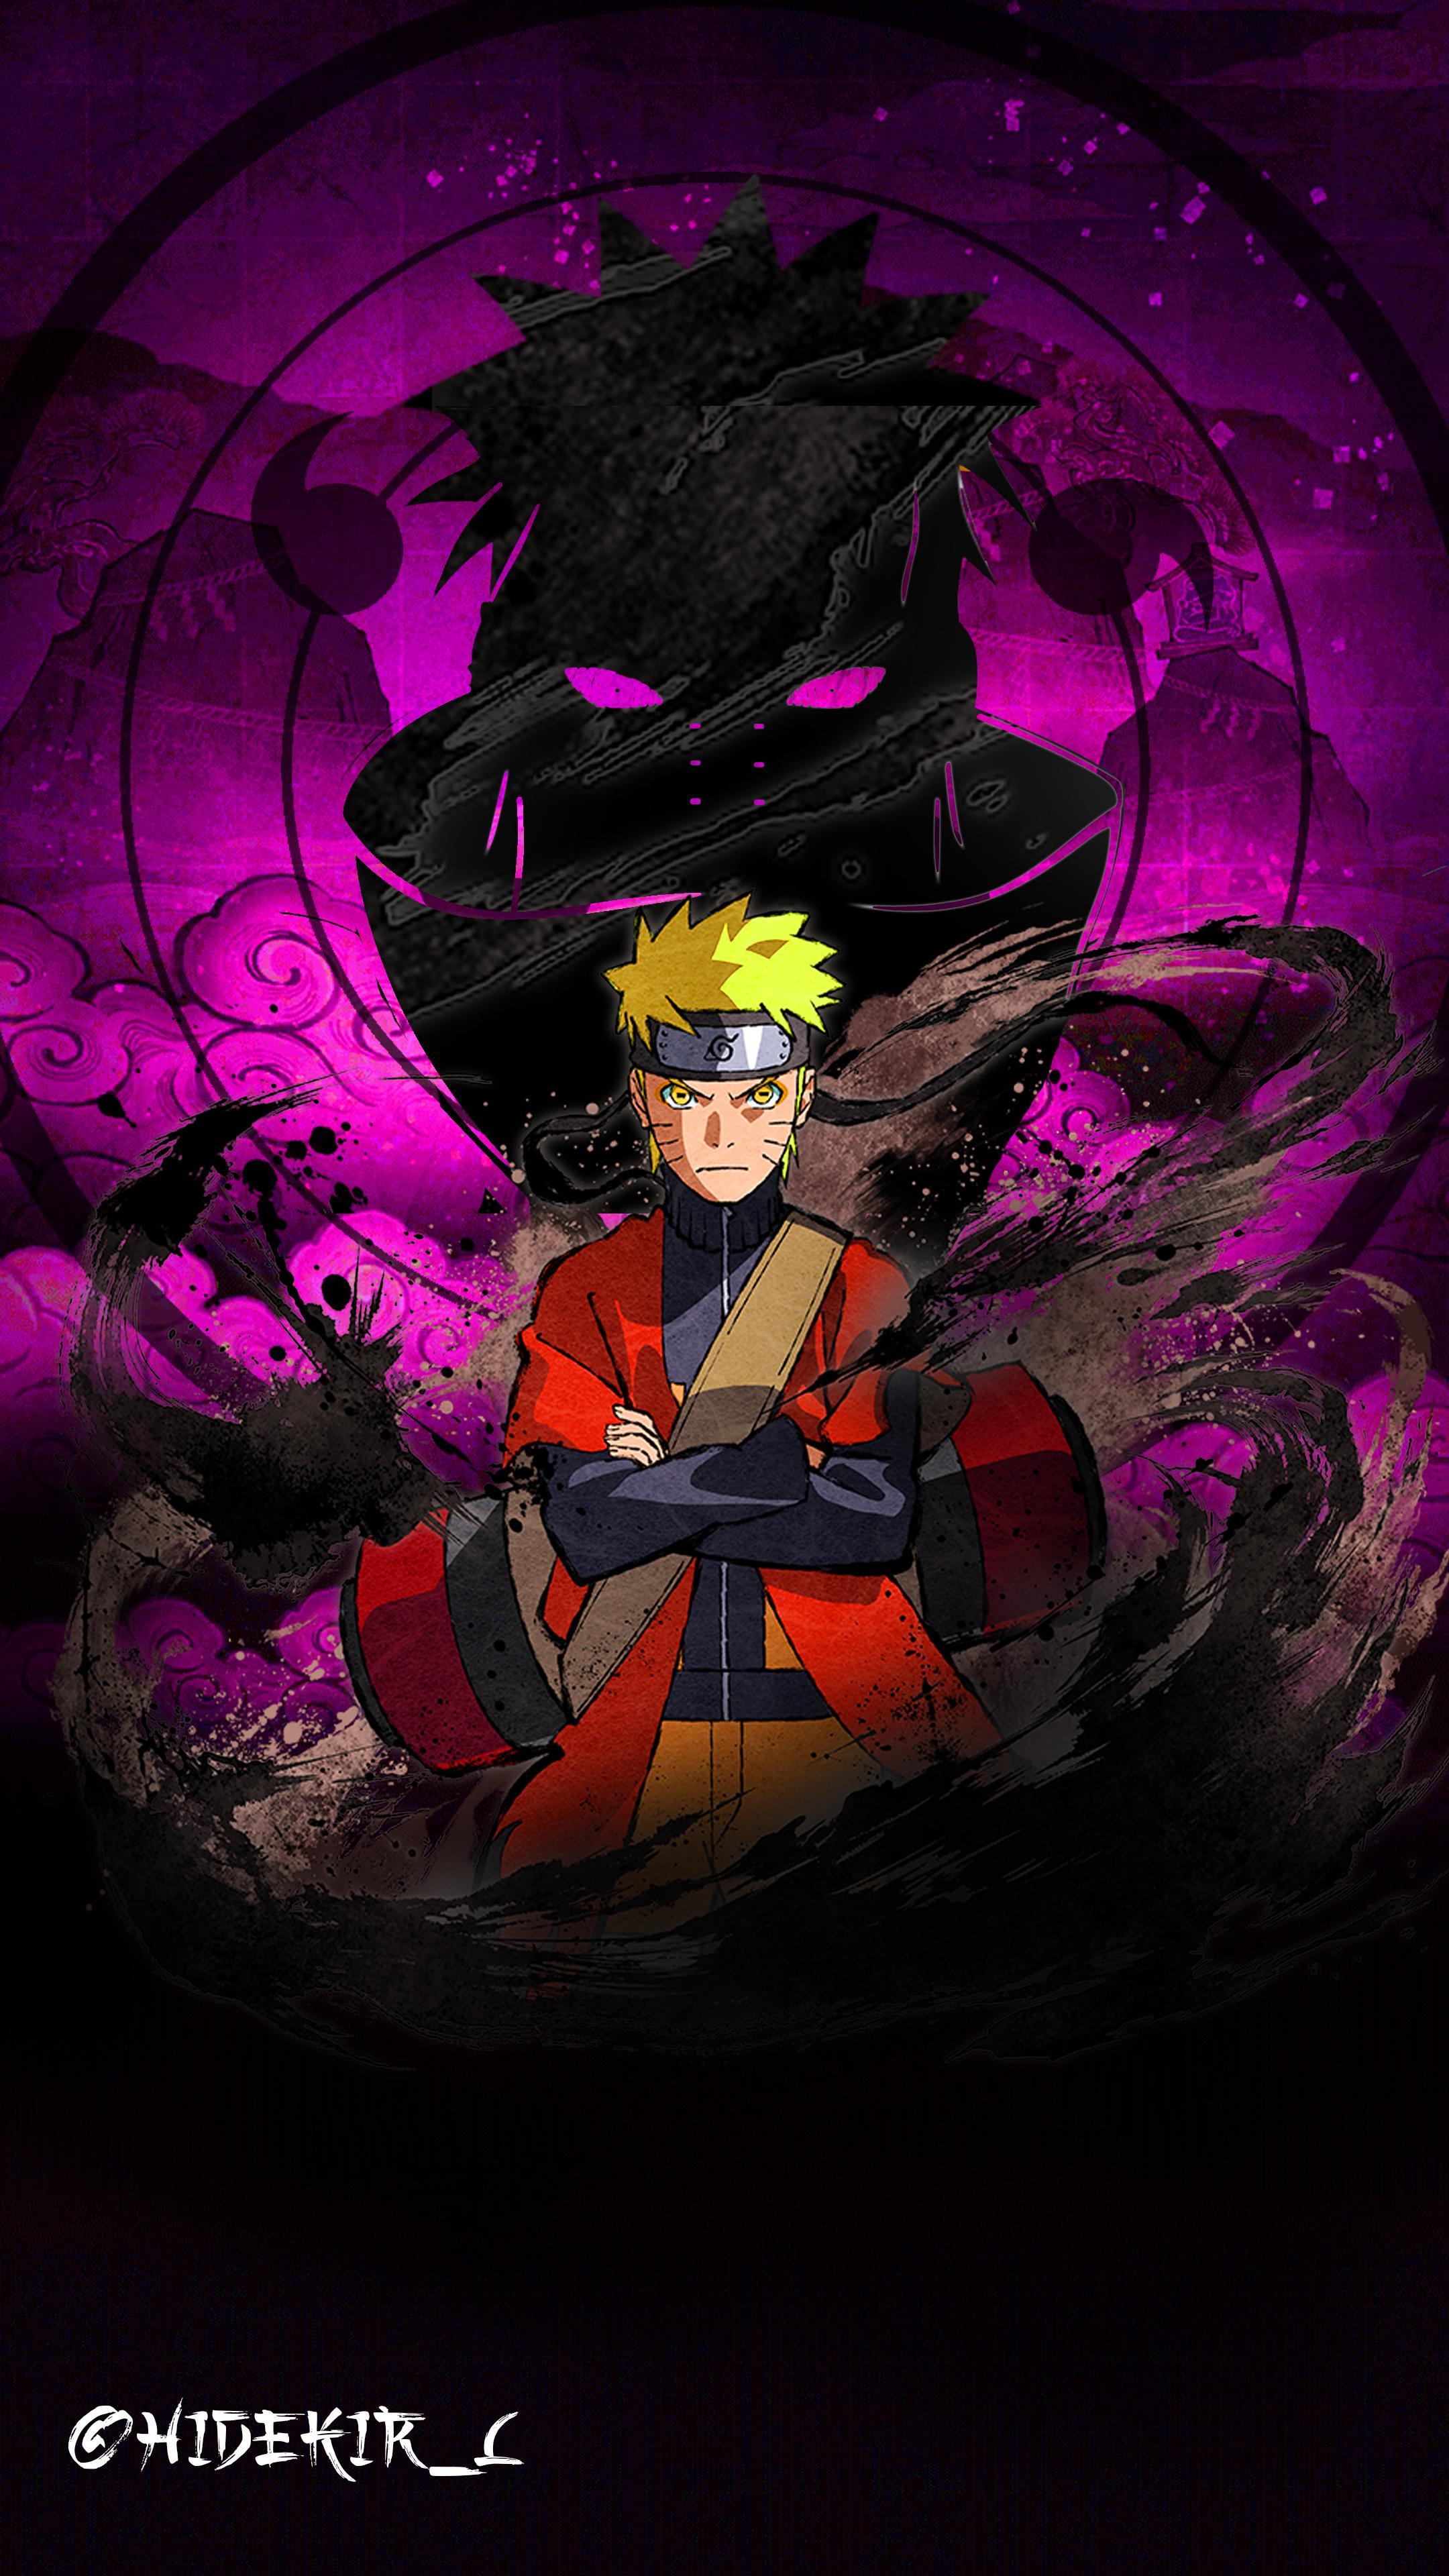 NARUTO 5KL Wallpaper NarutoBlazing